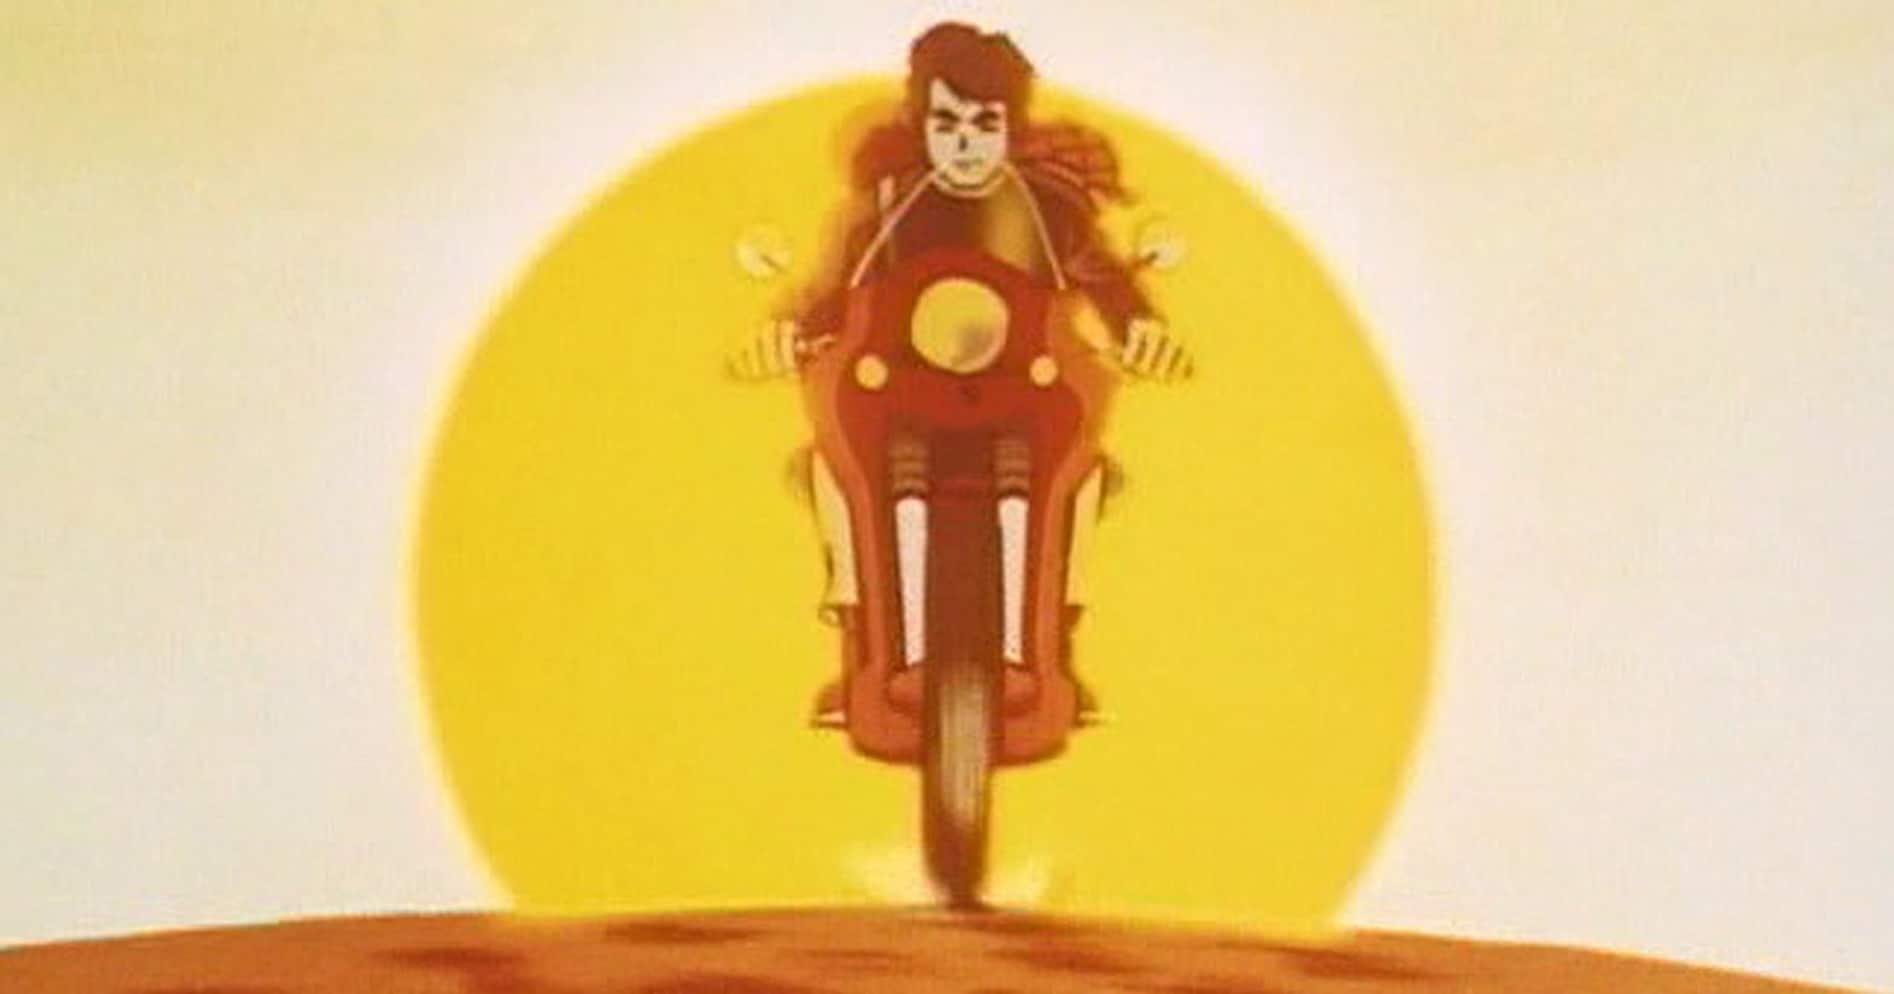 【ヘンなアニメ会社・タツノコプロの秘密】「これぞタツノコ!」と思わせるスタイリッシュな無国籍アニメ